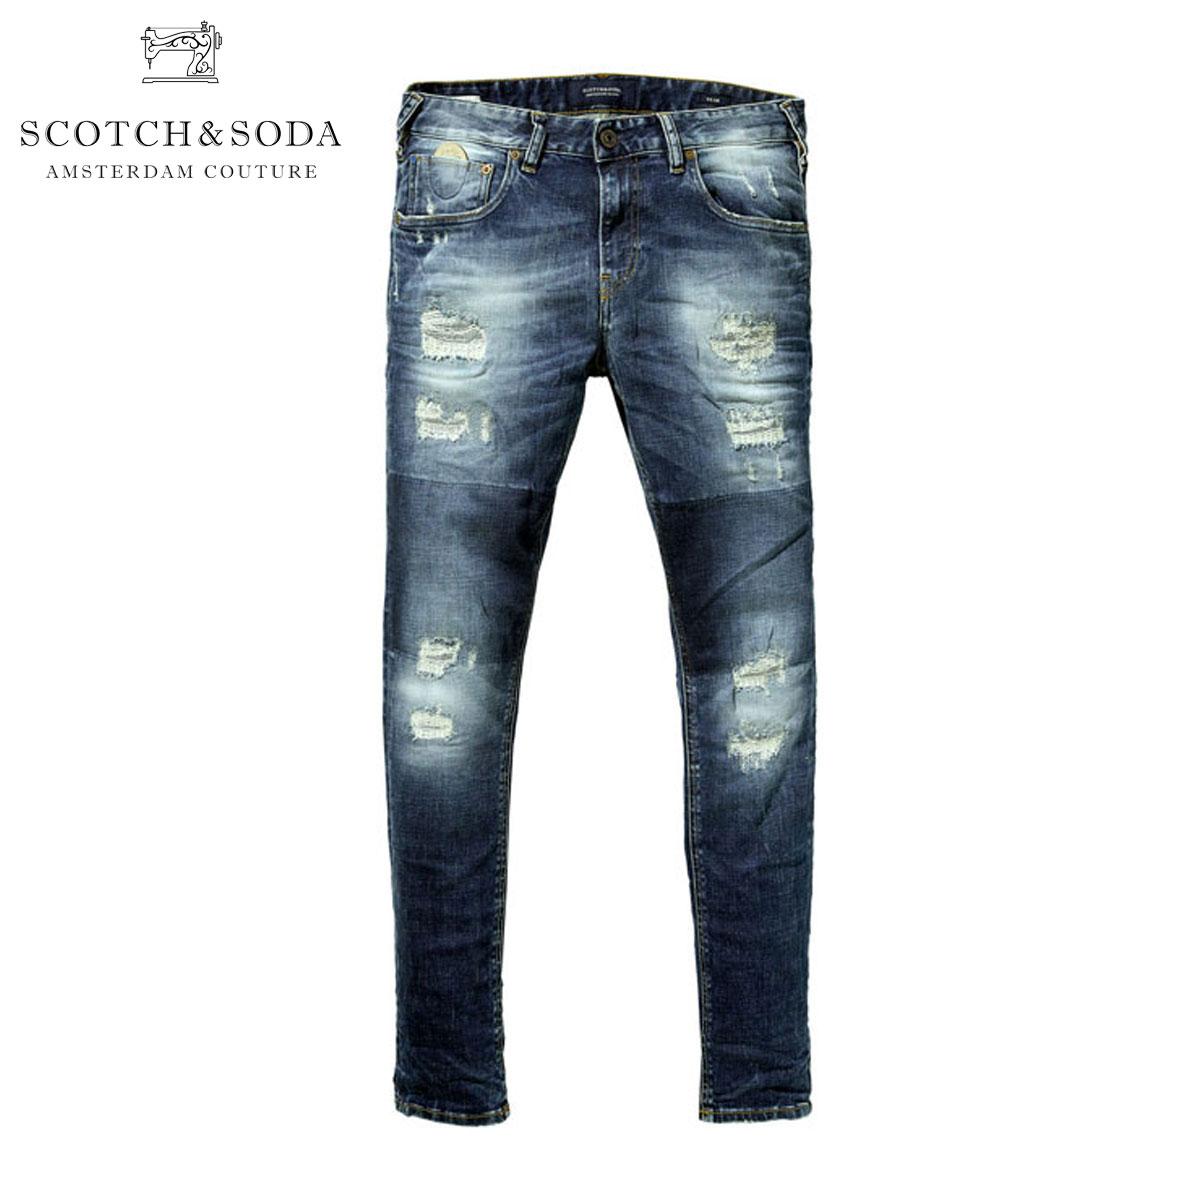 スコッチアンドソーダ SCOTCH&SODA 正規販売店 メンズ ジーンズ Skim - Shake Down Repair 85303 48 D15S25